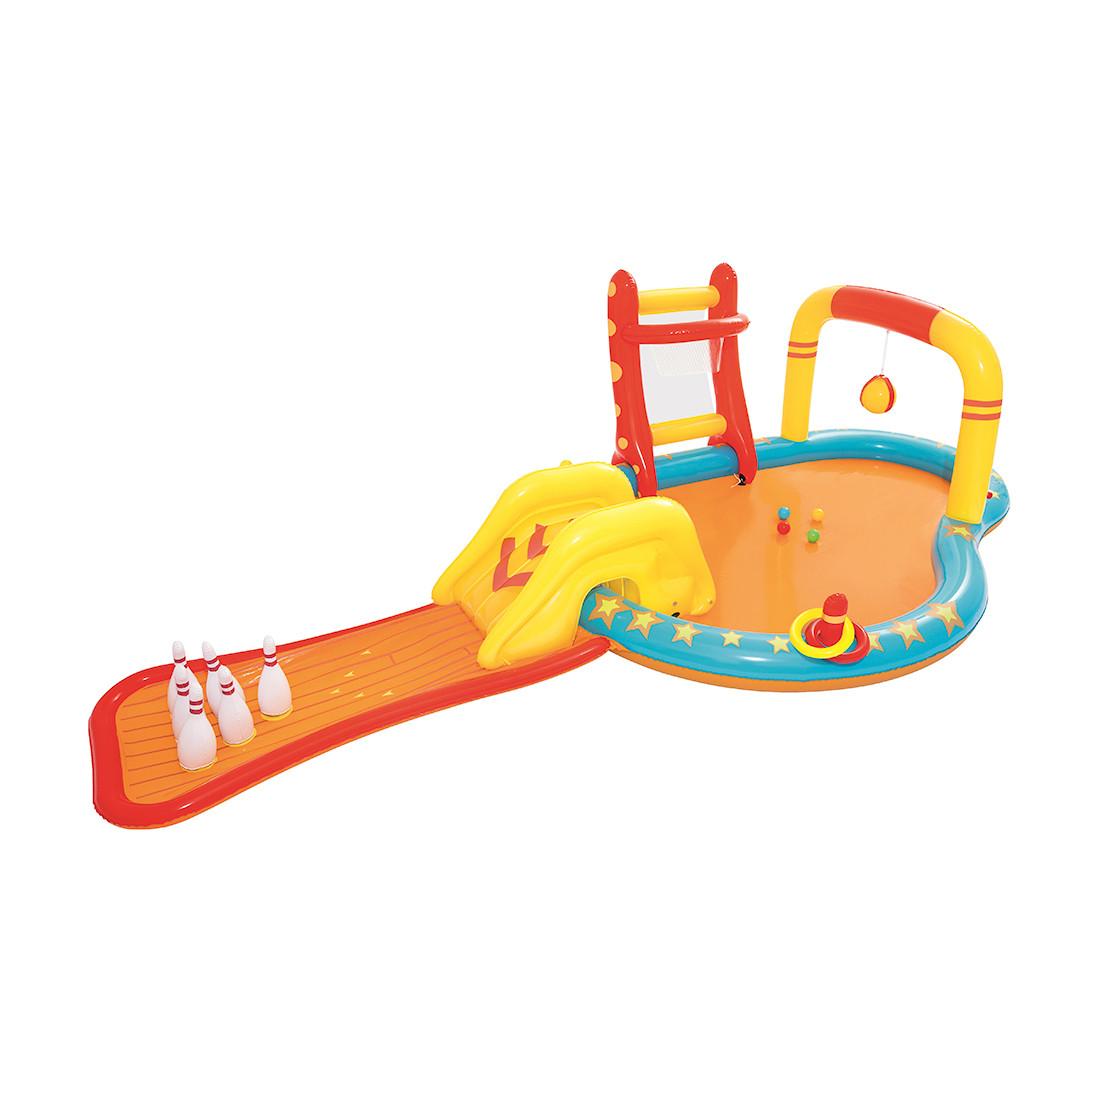 Детский надувной игровой бассейн BESTWAY Lil' Champ 2+ 53068 (435x213x117см, Винил, 314 л.)